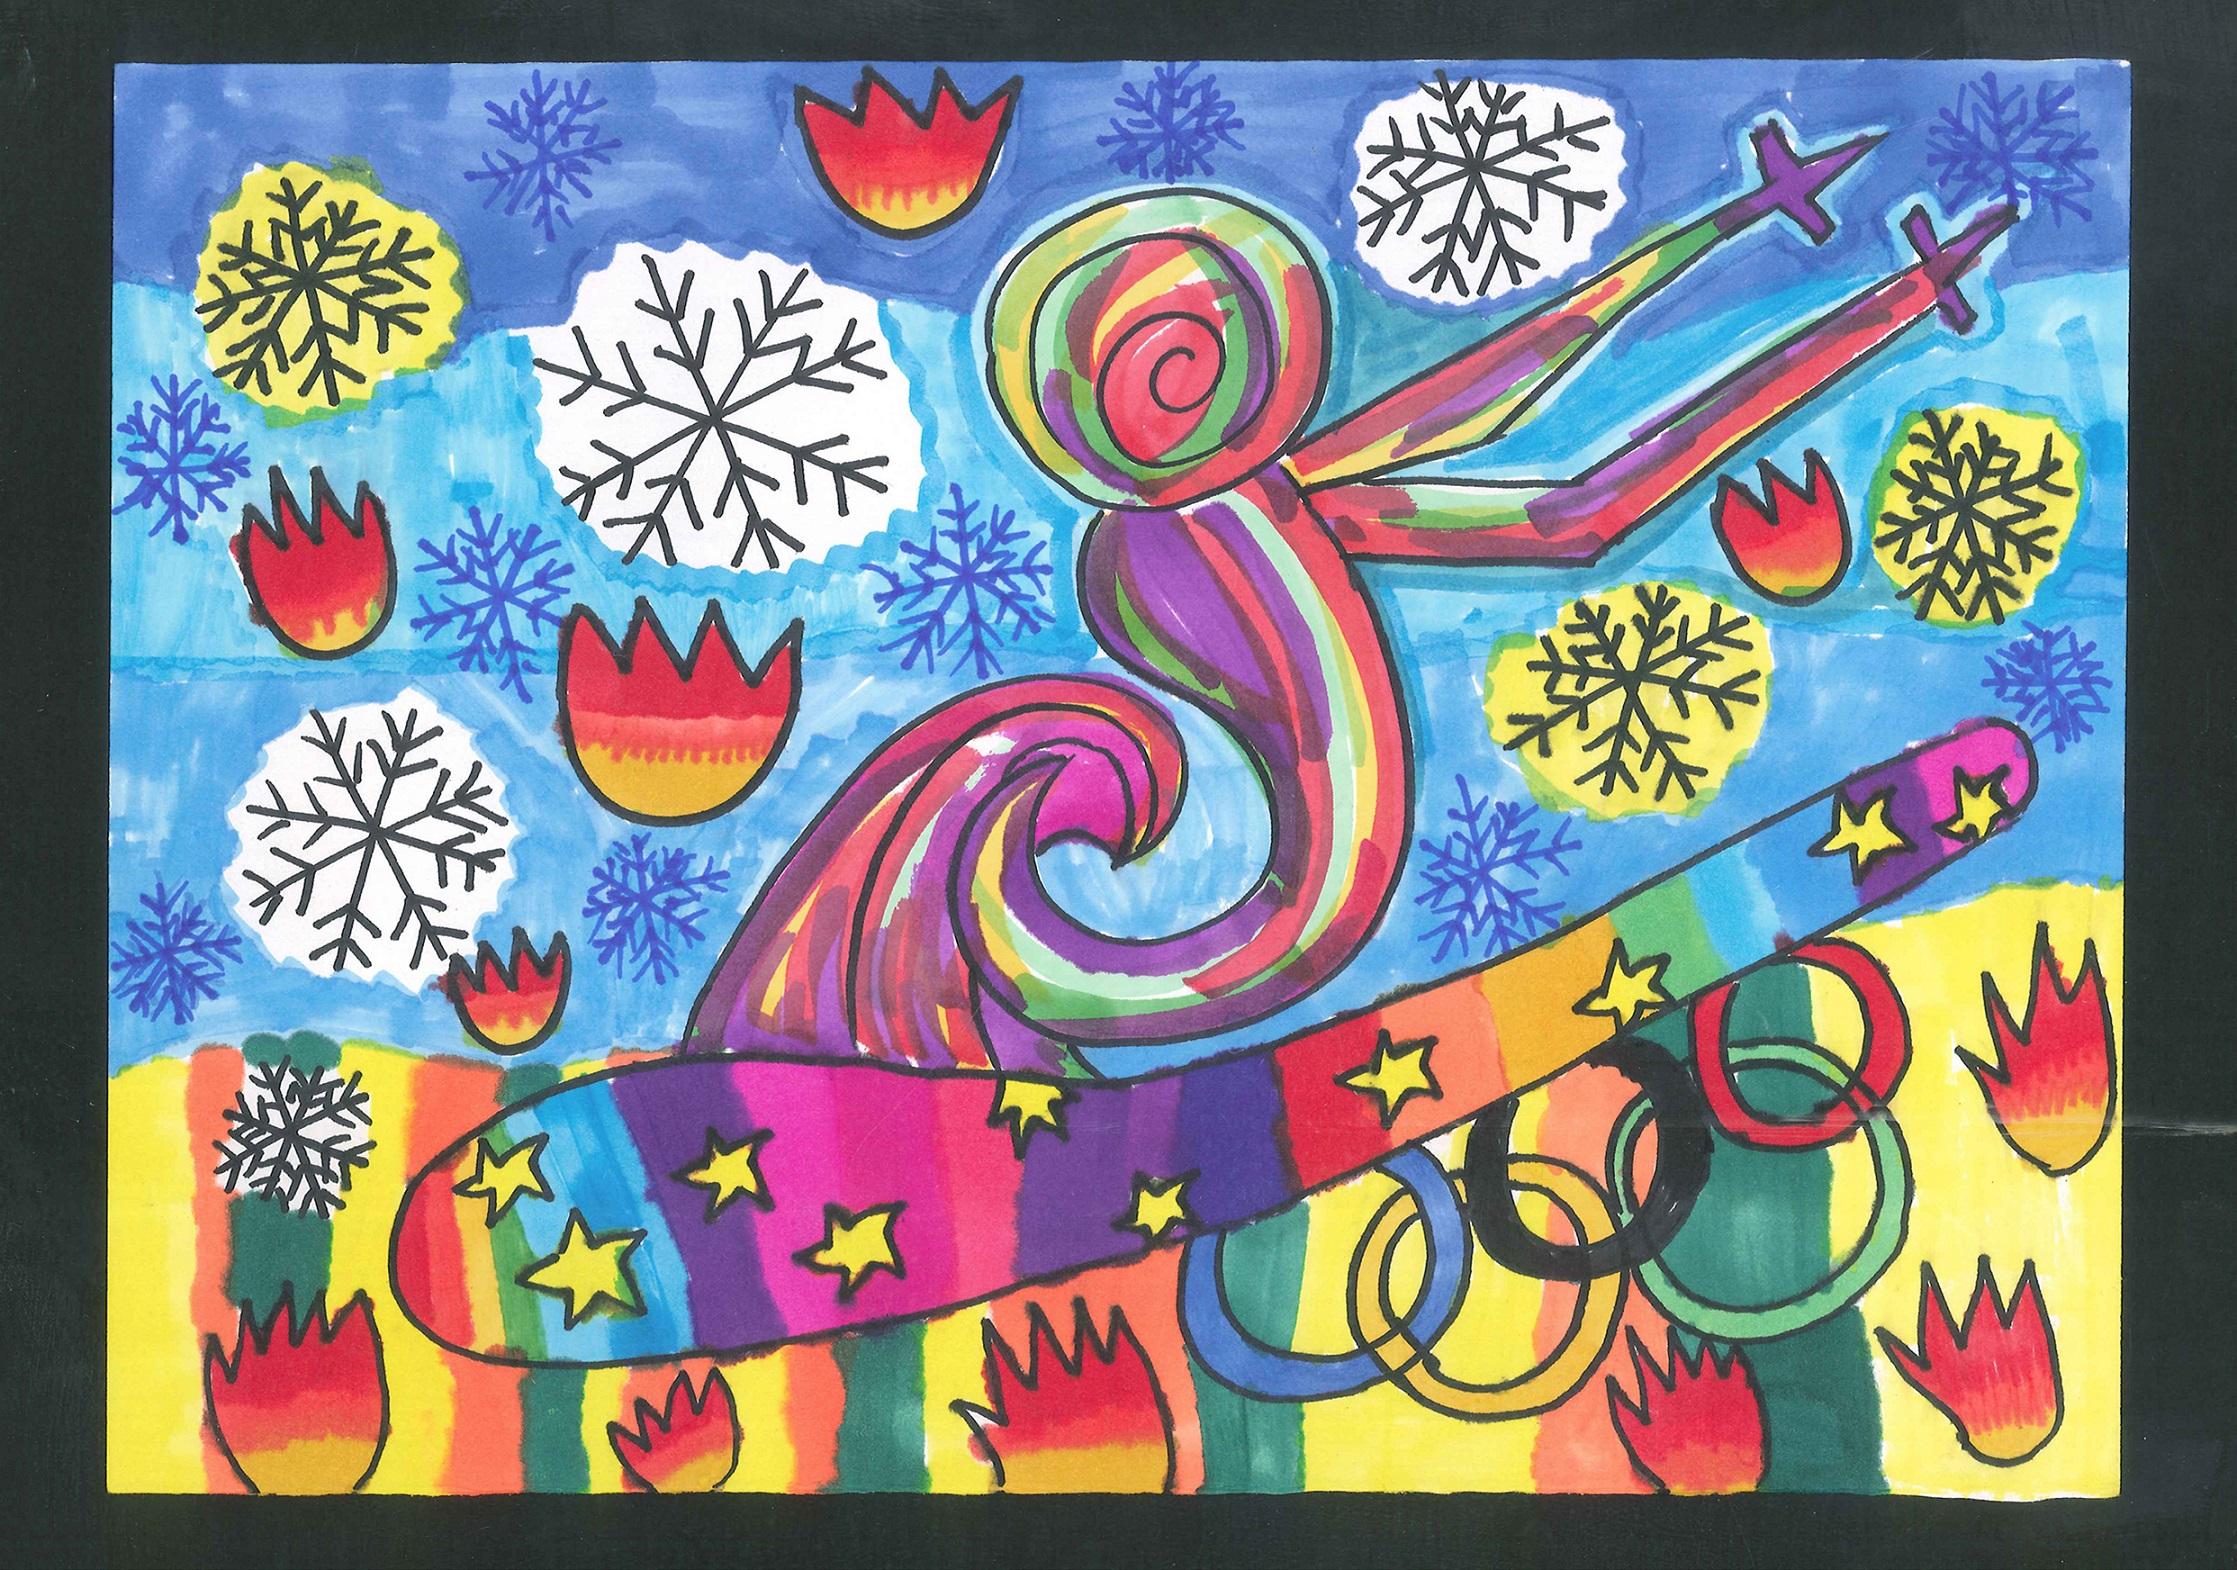 我的冰雪梦 My Snow Dream+苗雪 Miao Xue